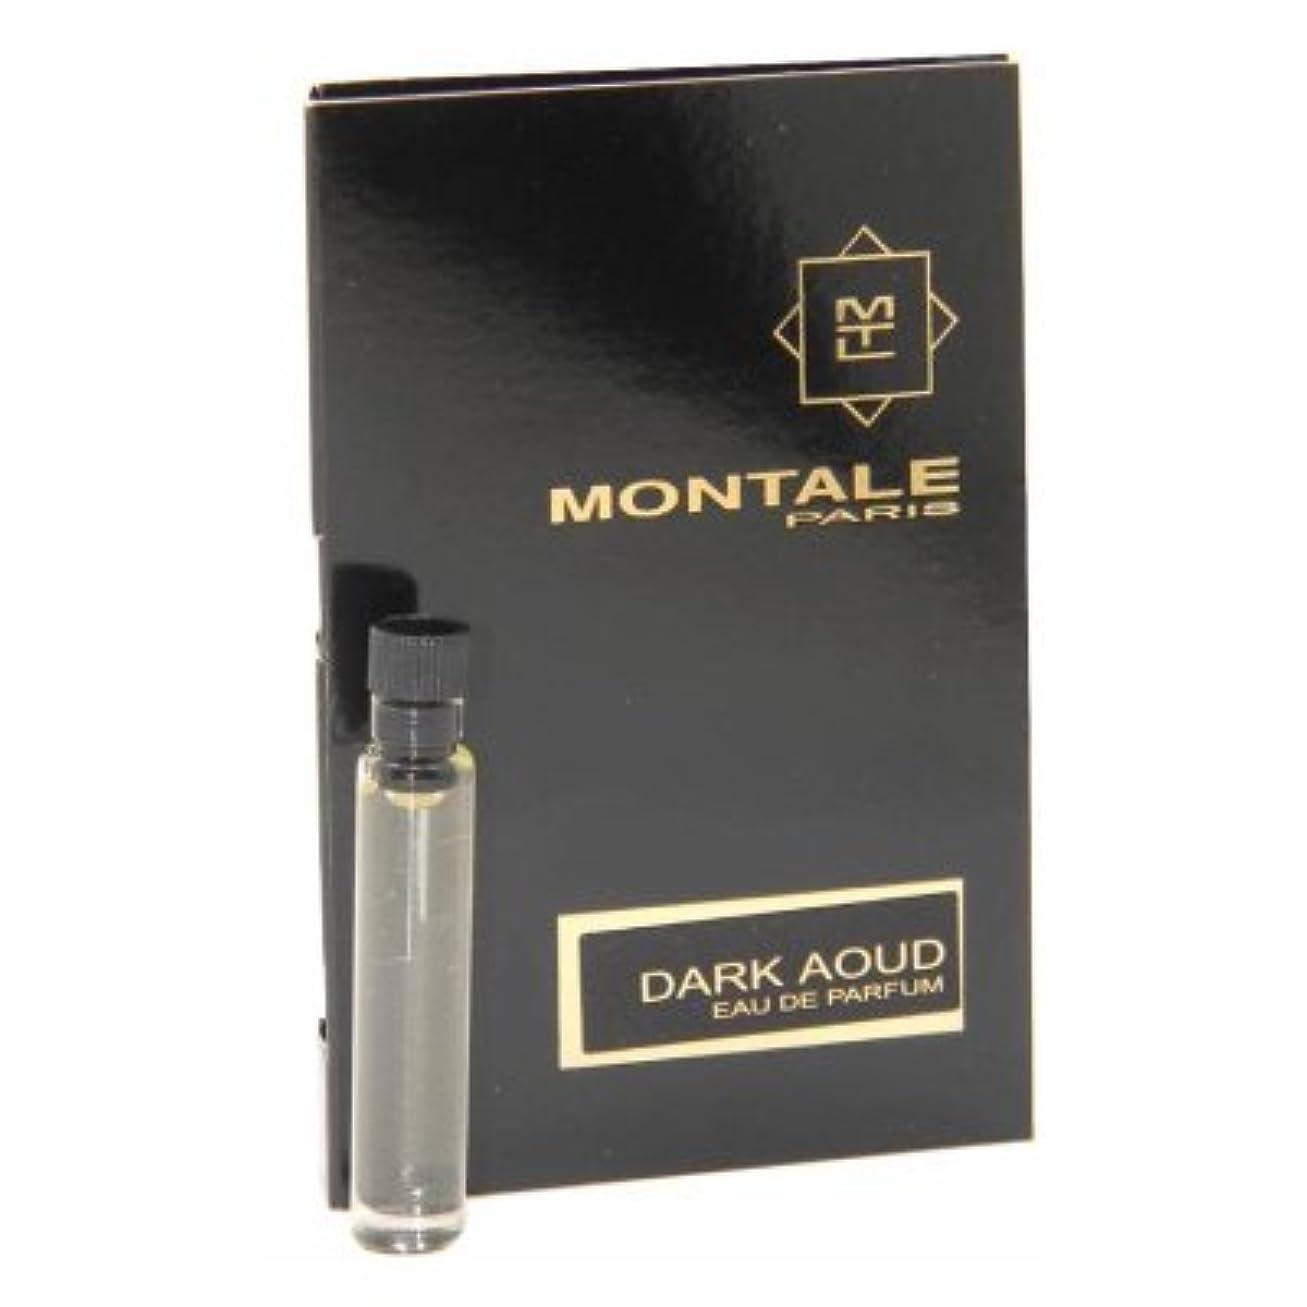 持つ賛辞ファイナンスMontale Dark Aoud EDP Vial Sample 2ml(モンタル ダーク ウード オードパルファン 2ml)[海外直送品] [並行輸入品]